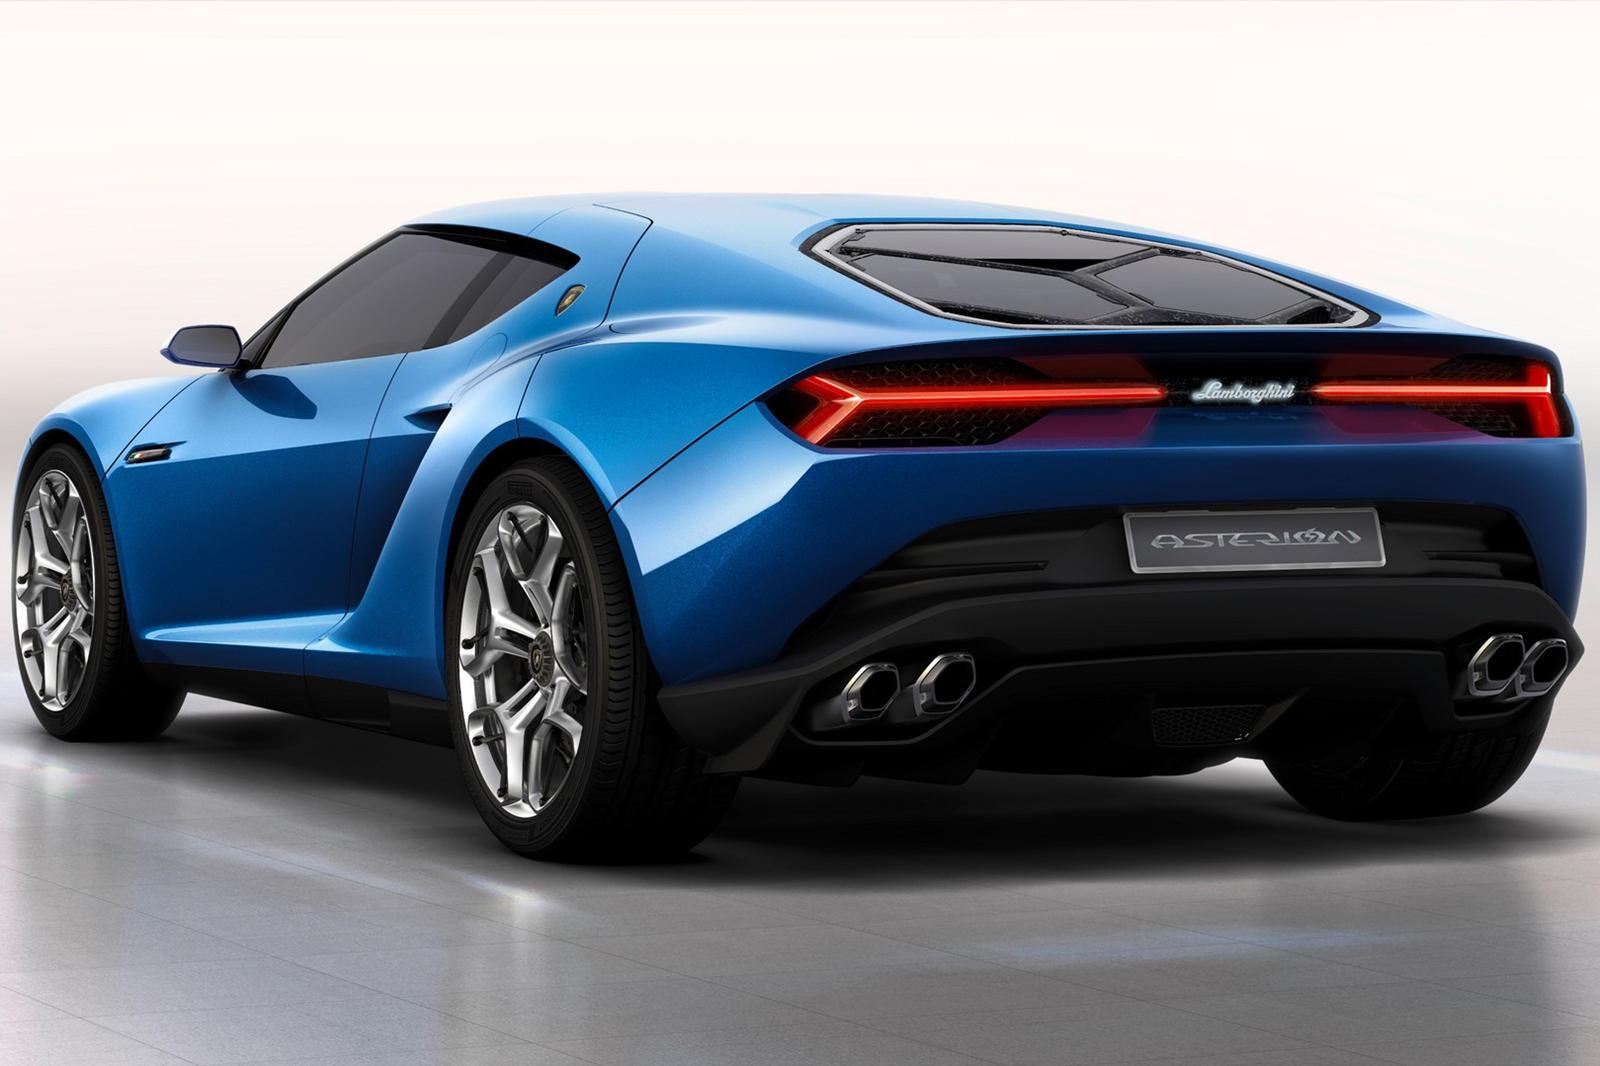 Πότε θα δούμε την πρώτη αμιγώς ηλεκτρική Lamborghini;